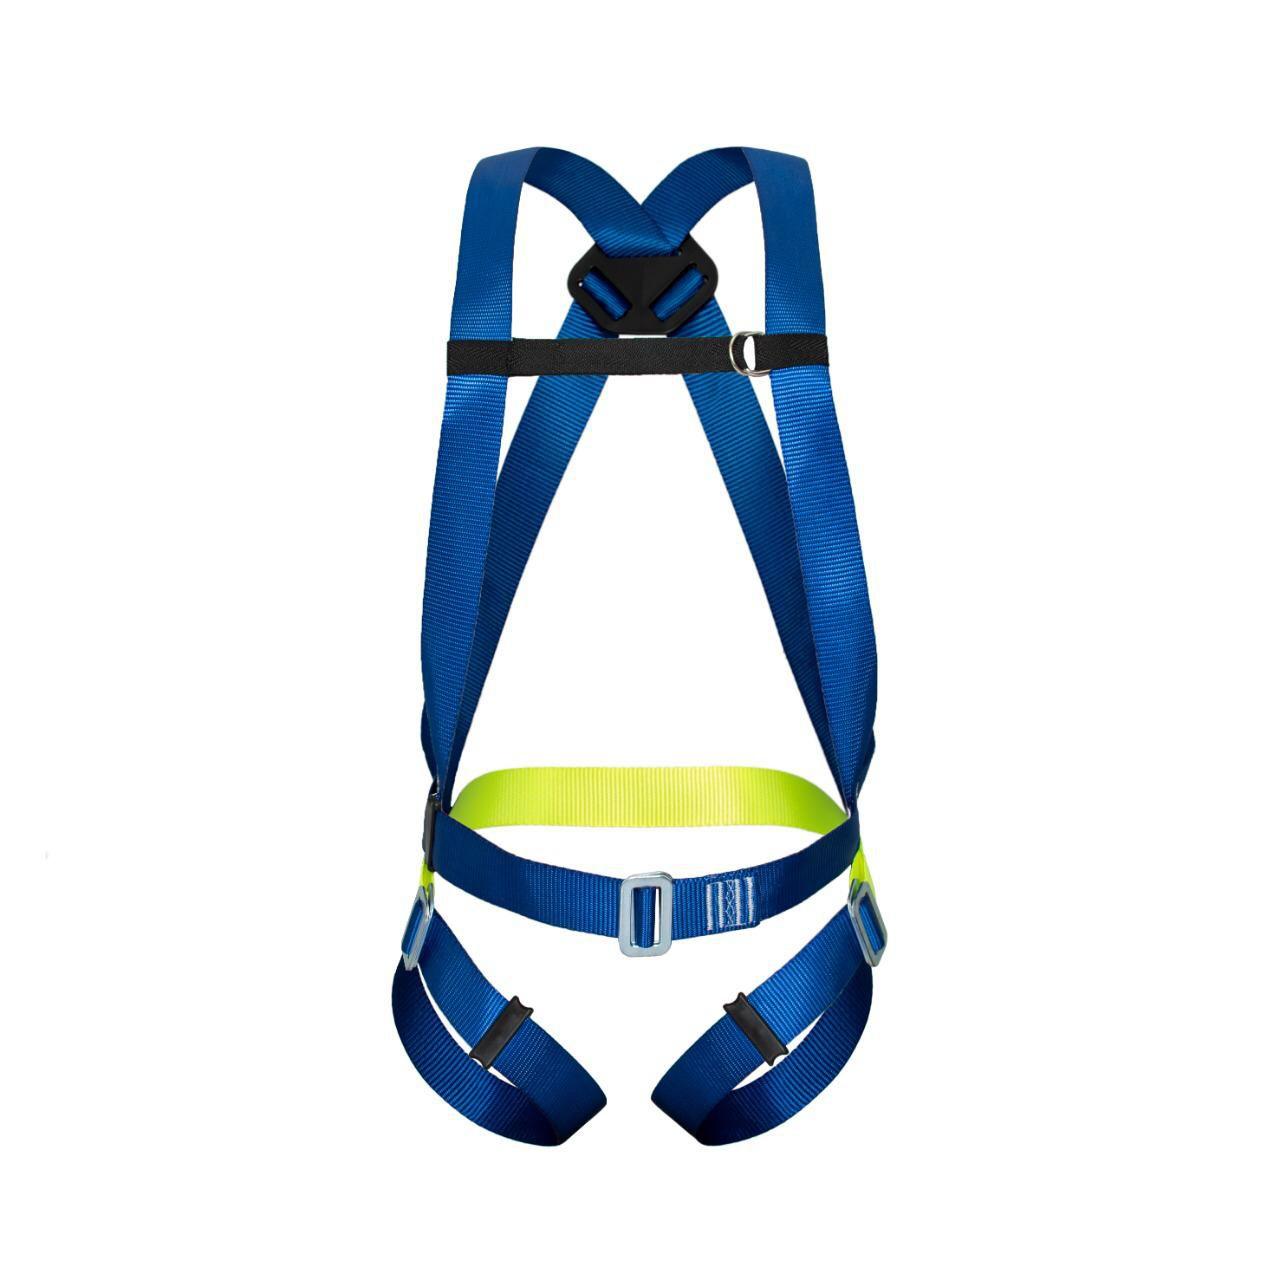 Cinturão Paraquedista 1 Ponto + Talabarte Y Elatizado Com ABS 55